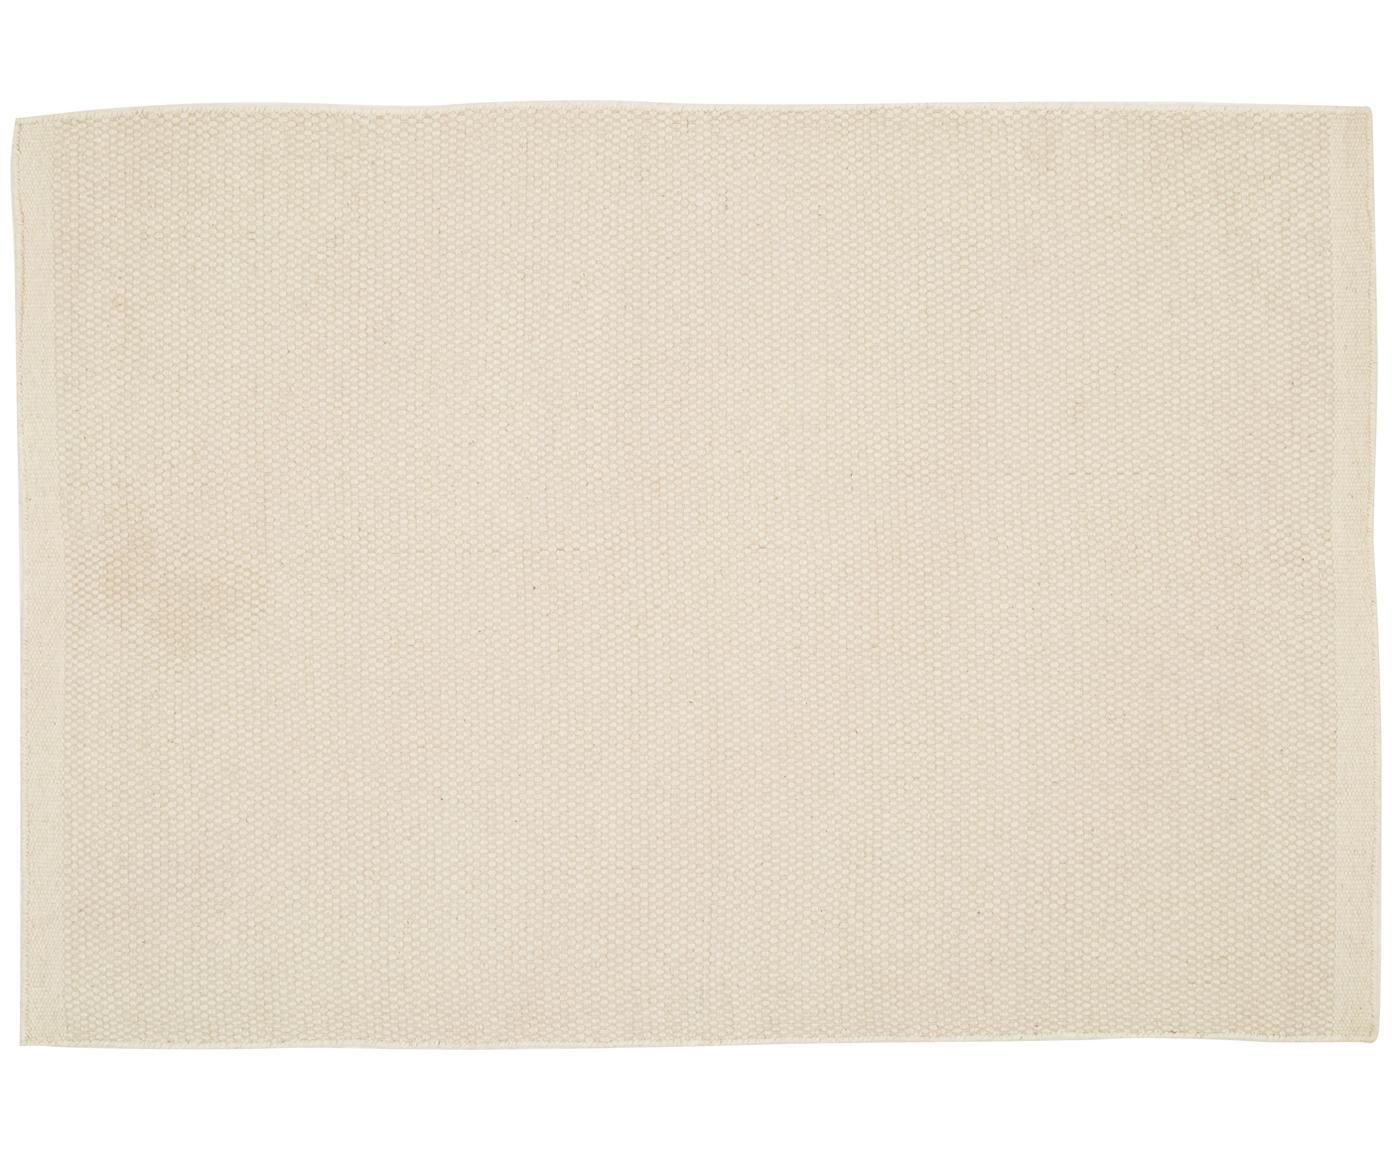 Handgeweven wollen vloerkleed Delight in wolwit, Bovenzijde: 90% wol, 10% katoen, Onderzijde: katoen, Wolwit, B 200 x L 300 cm (maat L)